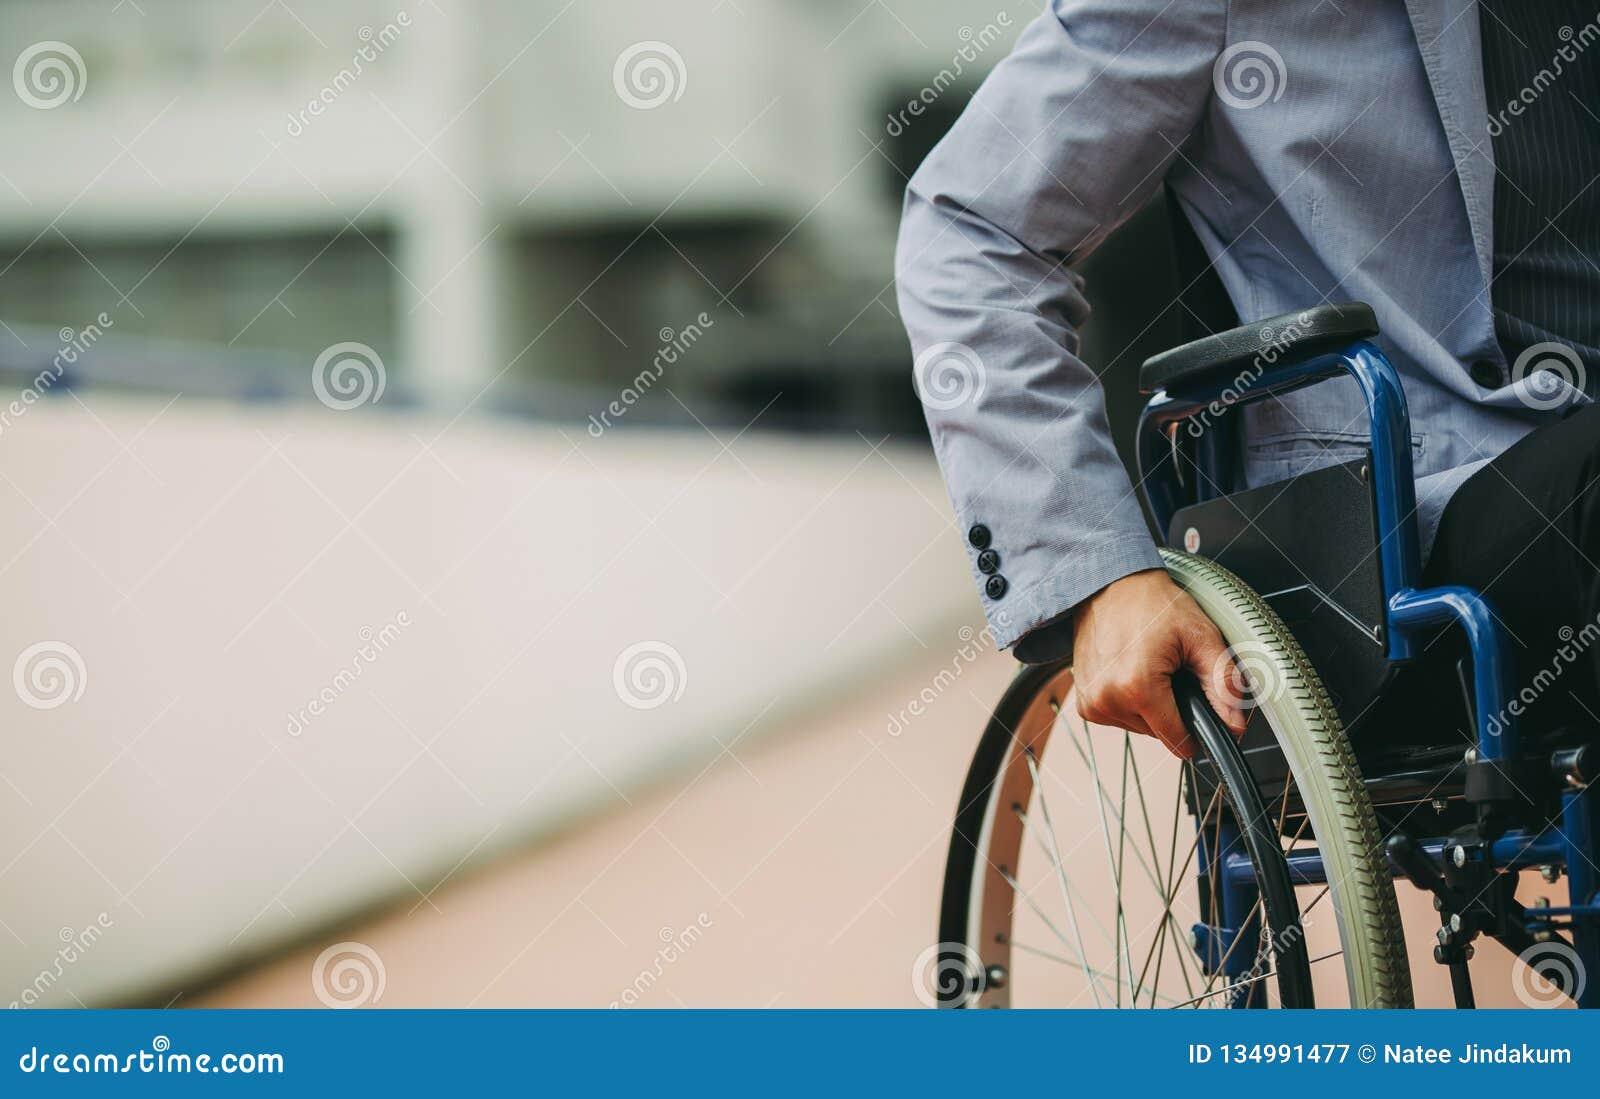 Hombre de negocios de la neutralización en la silla de ruedas